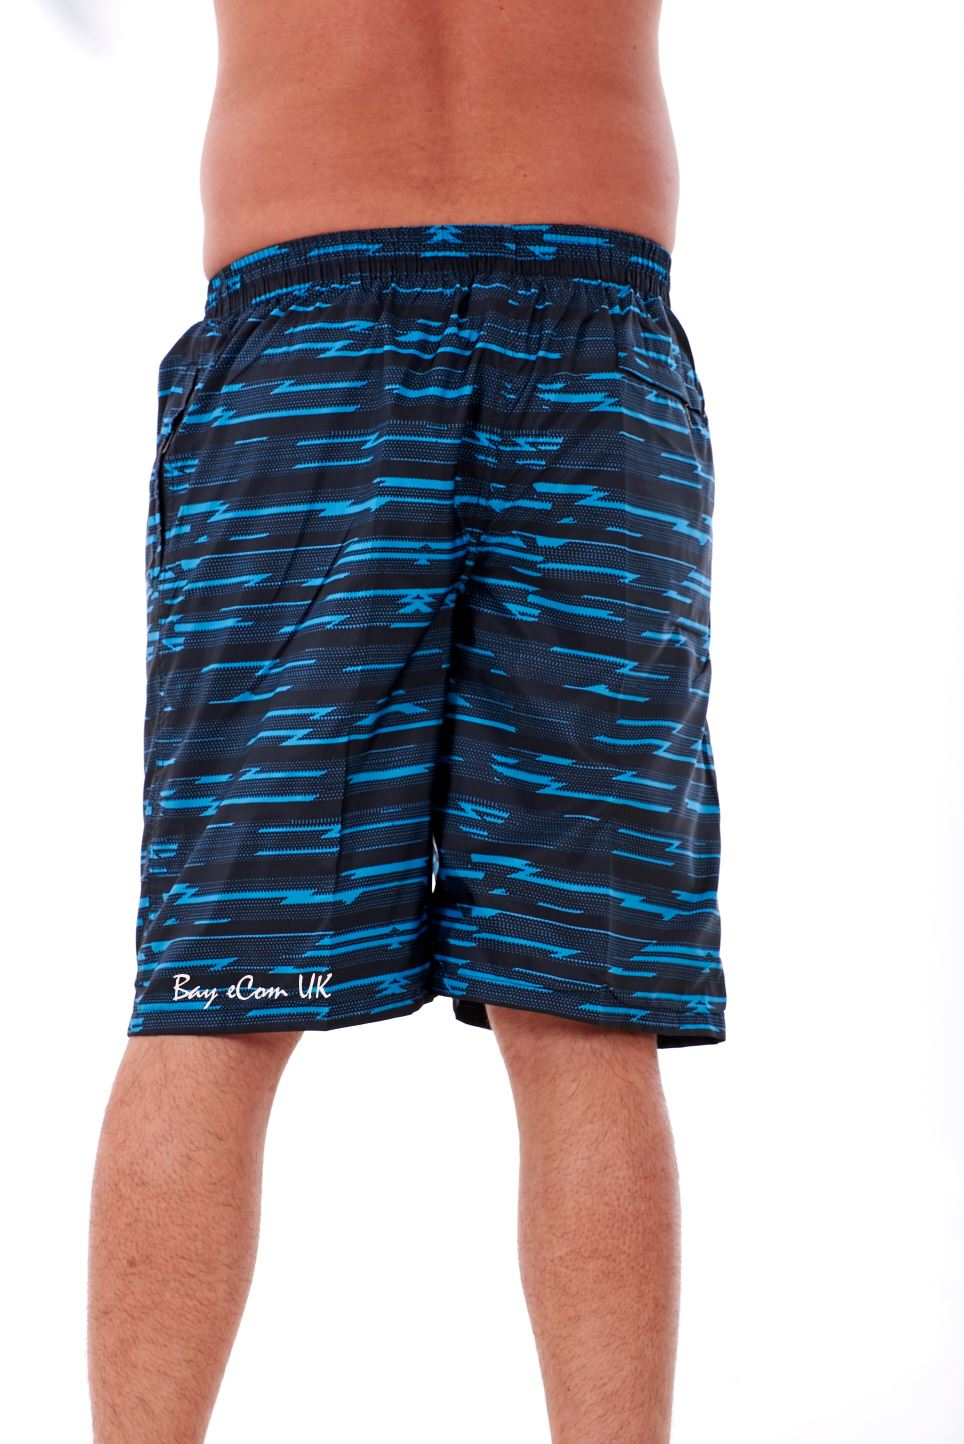 Men-039-s-Quick-Dry-Swimming-Shorts-New-Printed-Mesh-Lined-Beach-Summer-Swimwear